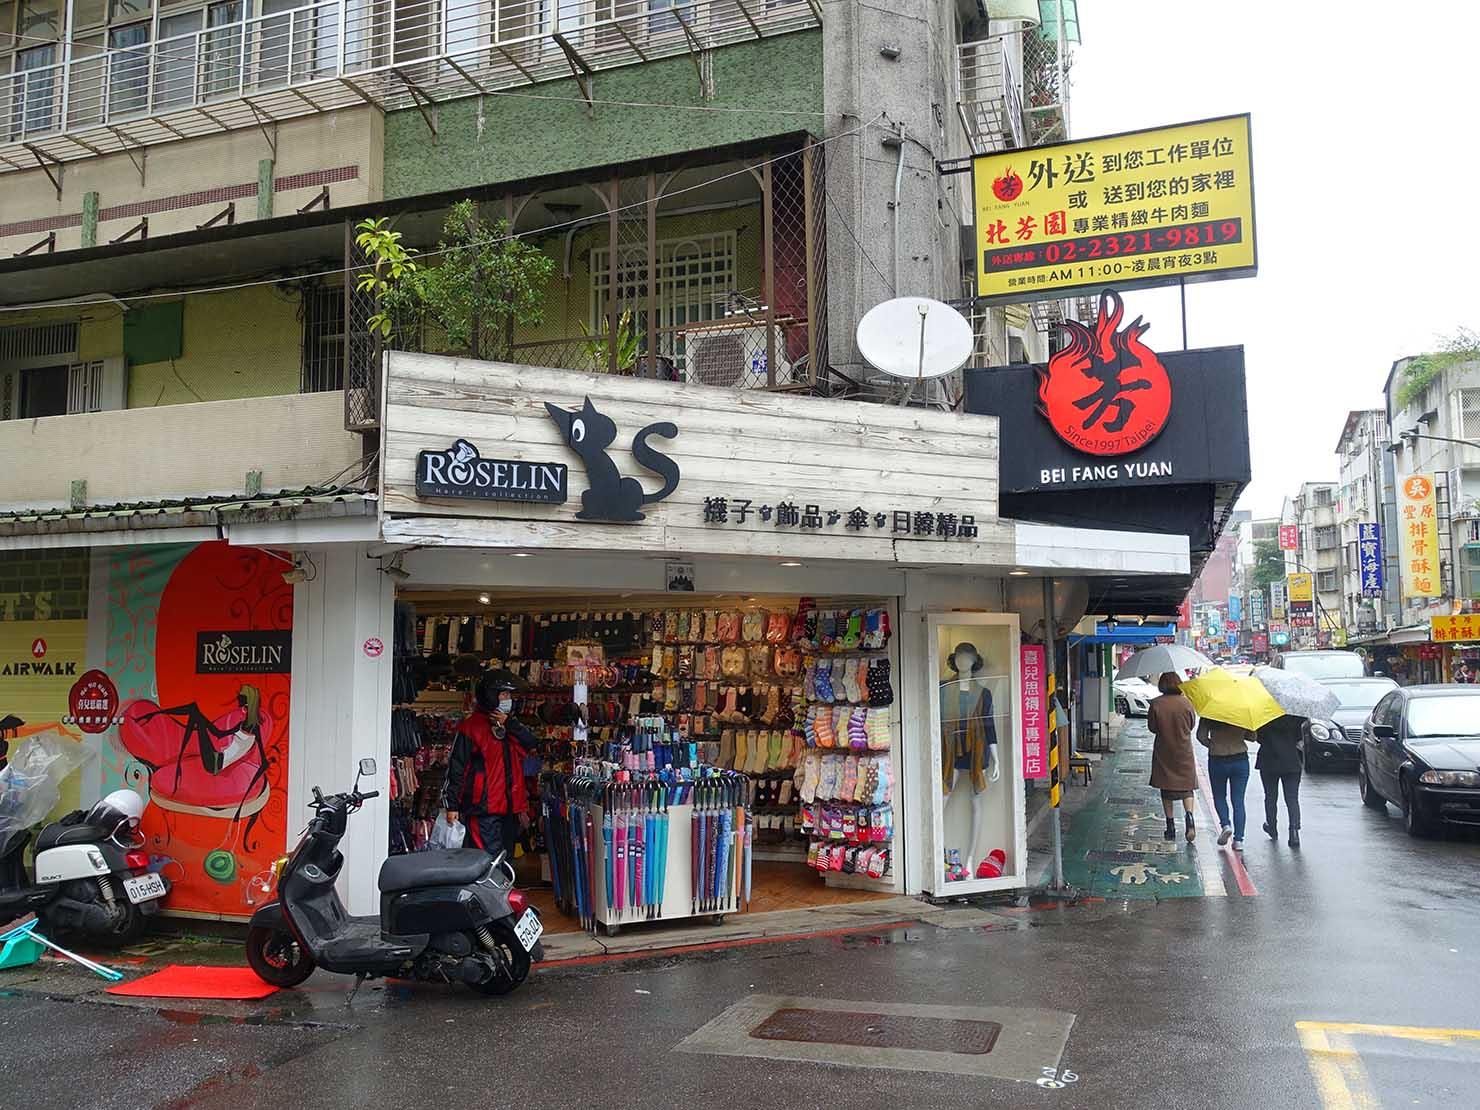 台北MRT(地下鉄)市政府駅近くのグルメストリート「永吉街30巷」に見える北芳園の看板